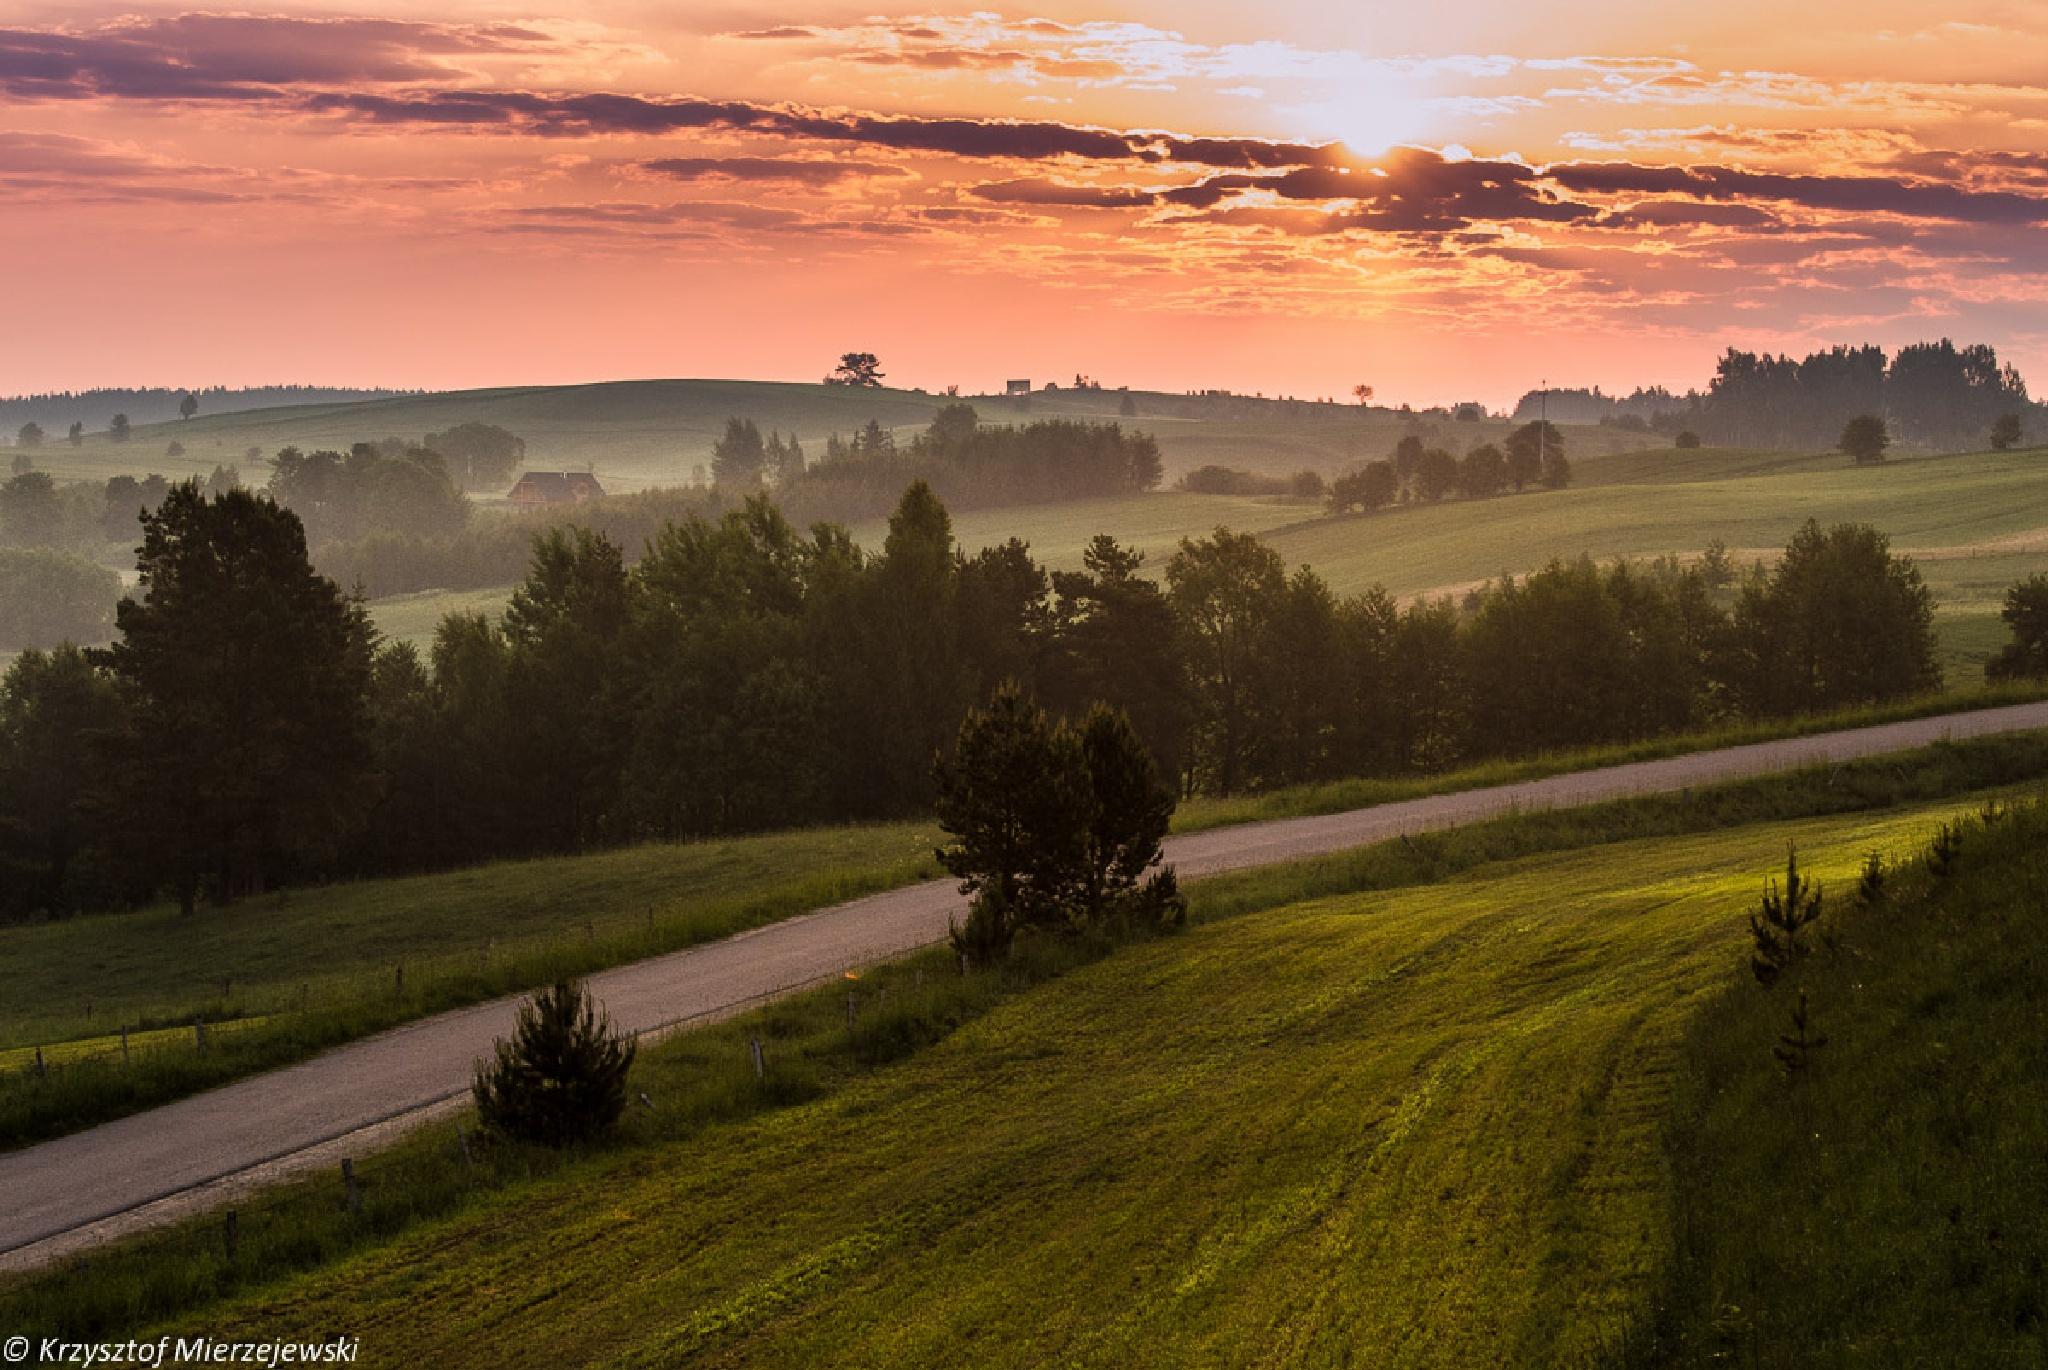 Towards the sun by Krzysztof Mierzejewski